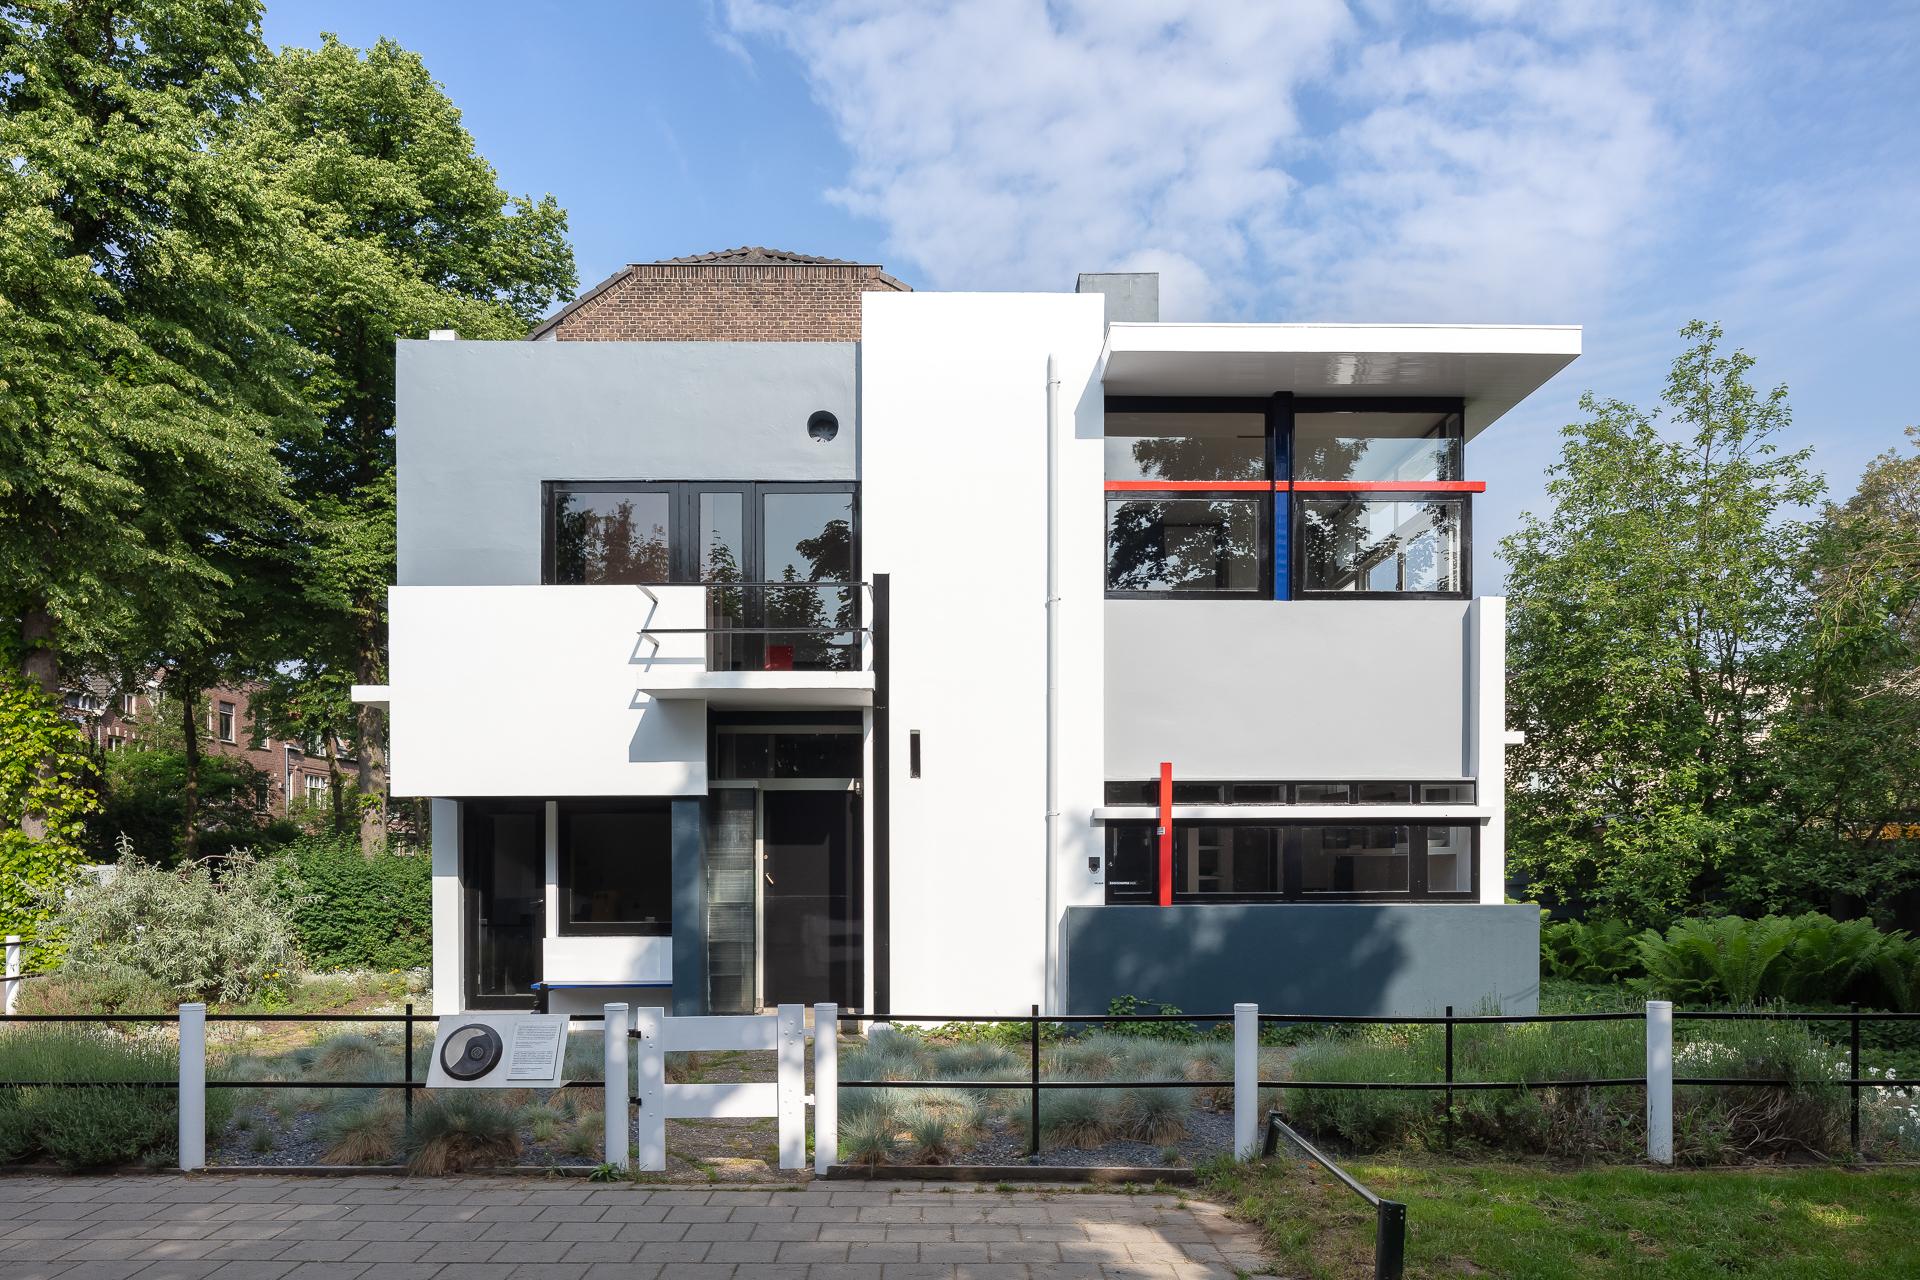 SP2018-Rietveld-Schroderhuis-23-LowRes